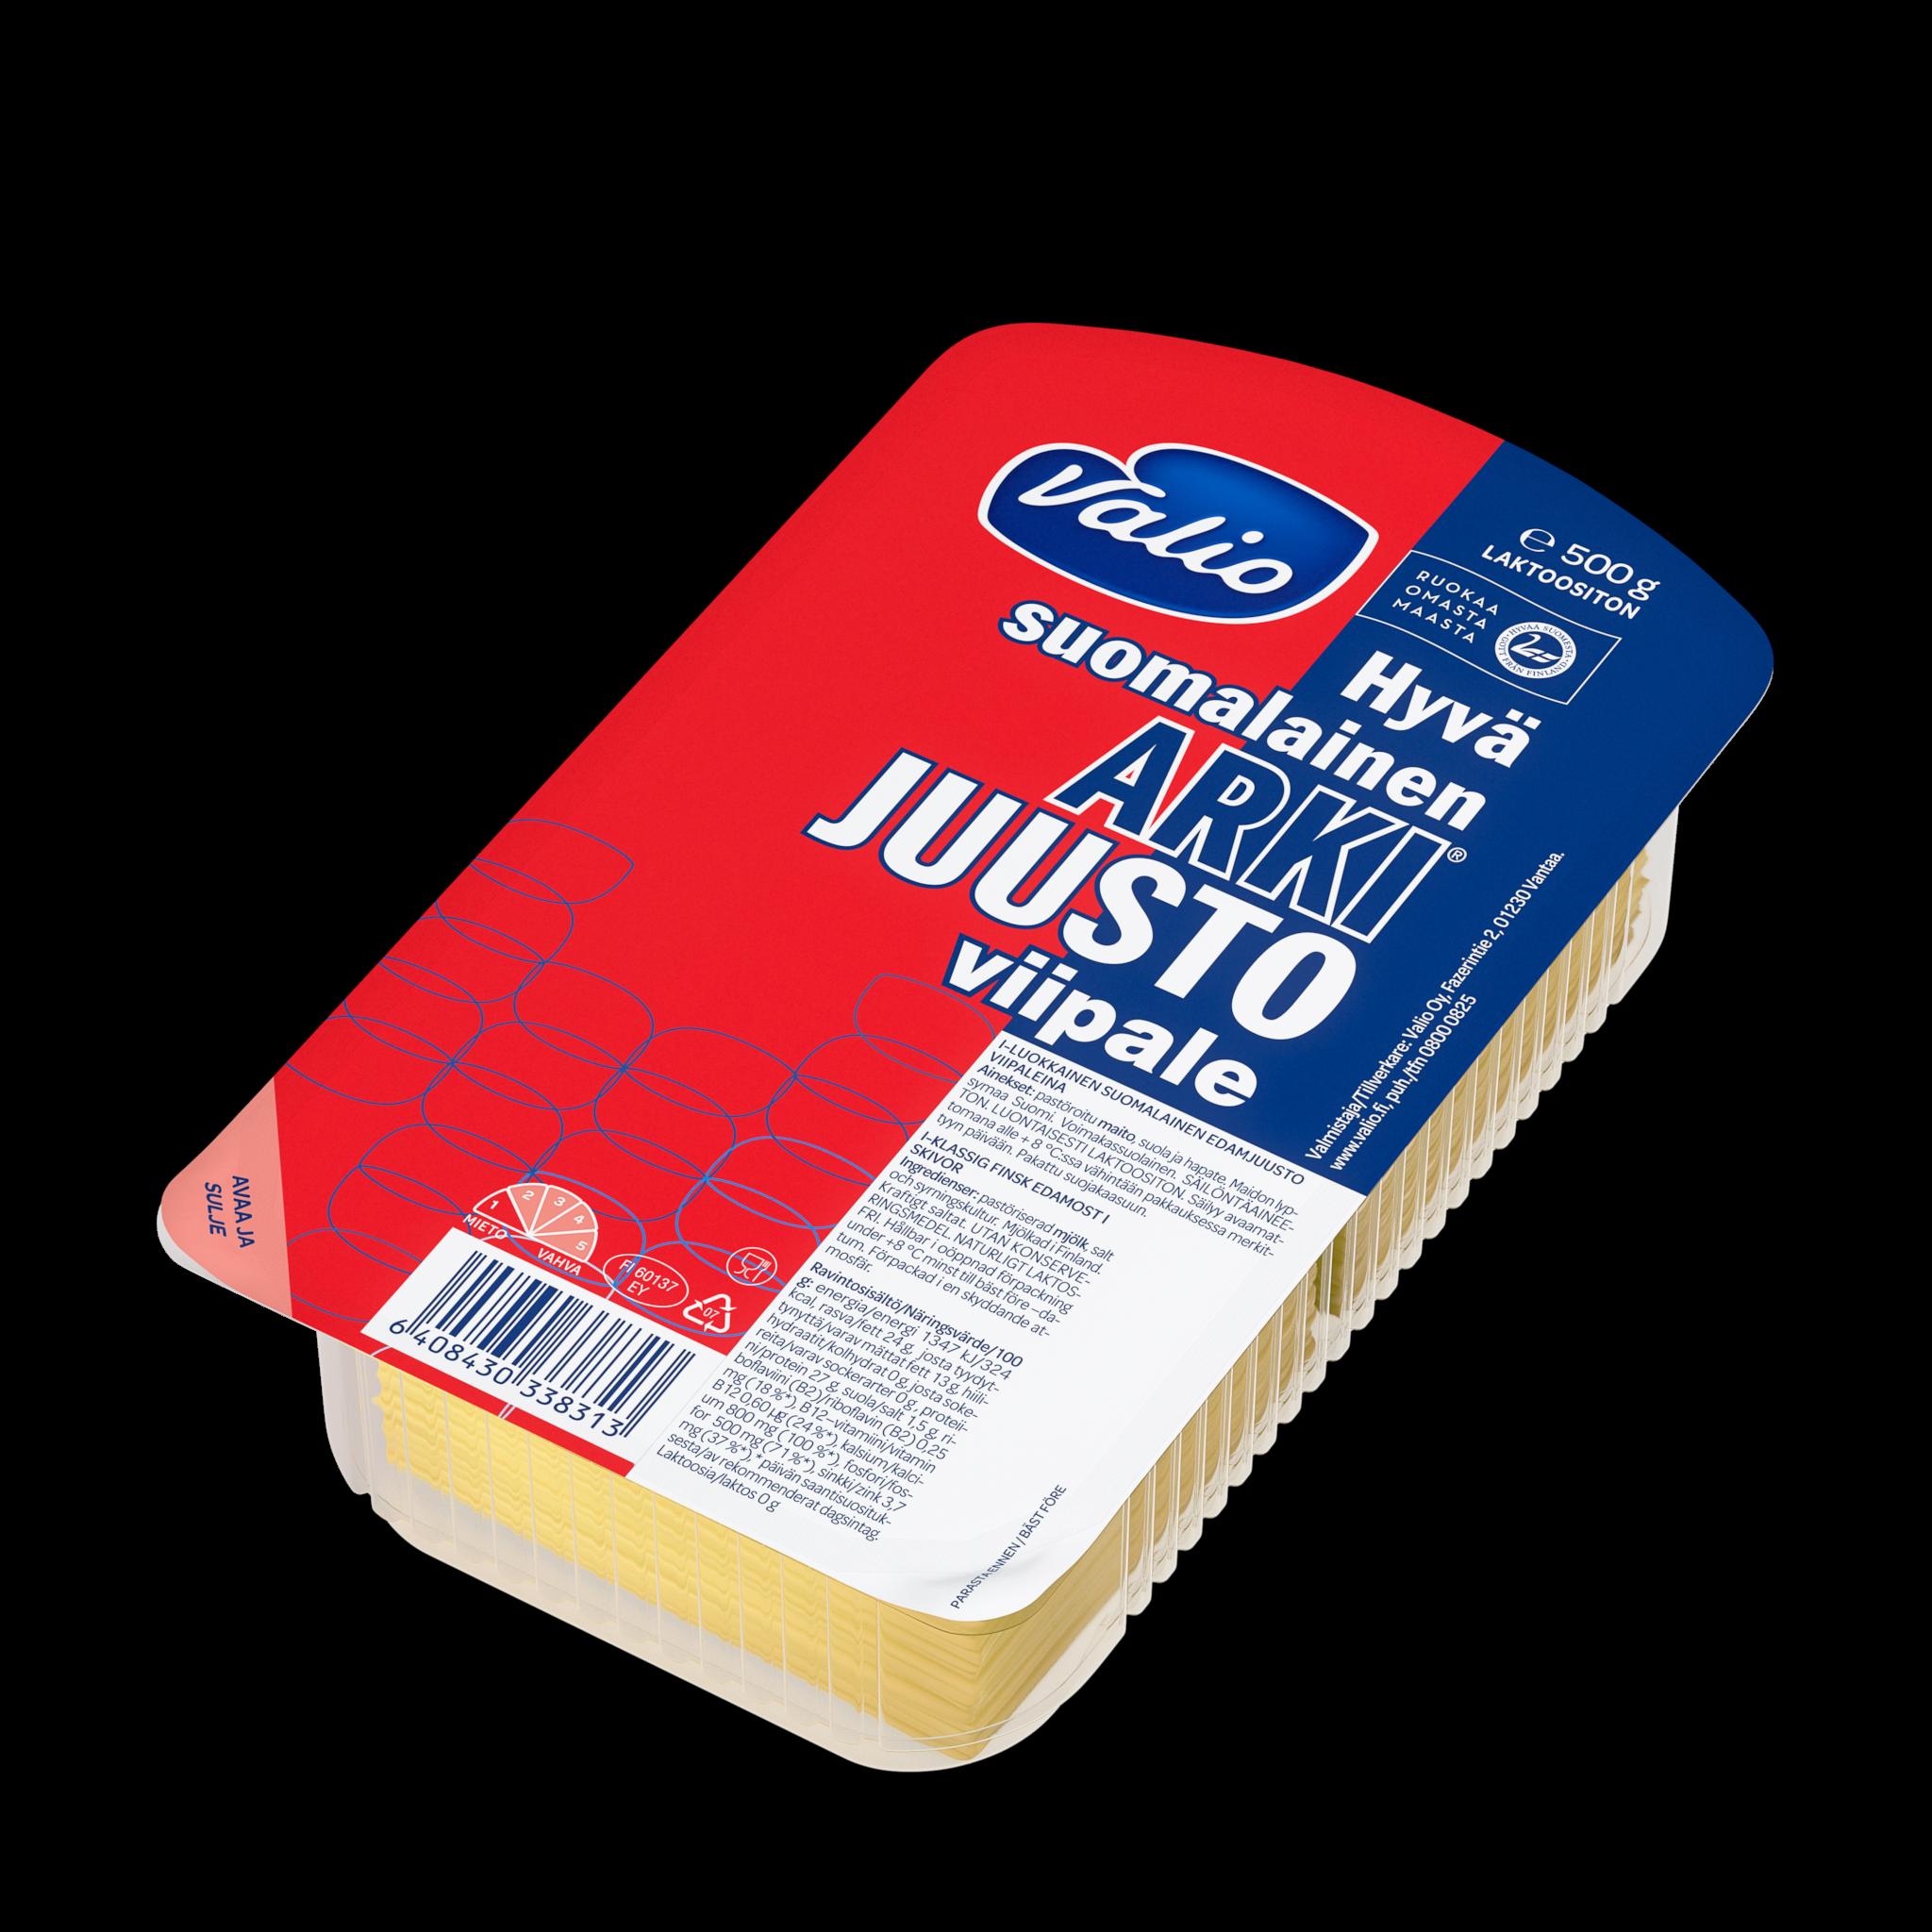 Valio Hyvä suomalainen Arki® juustoviipale